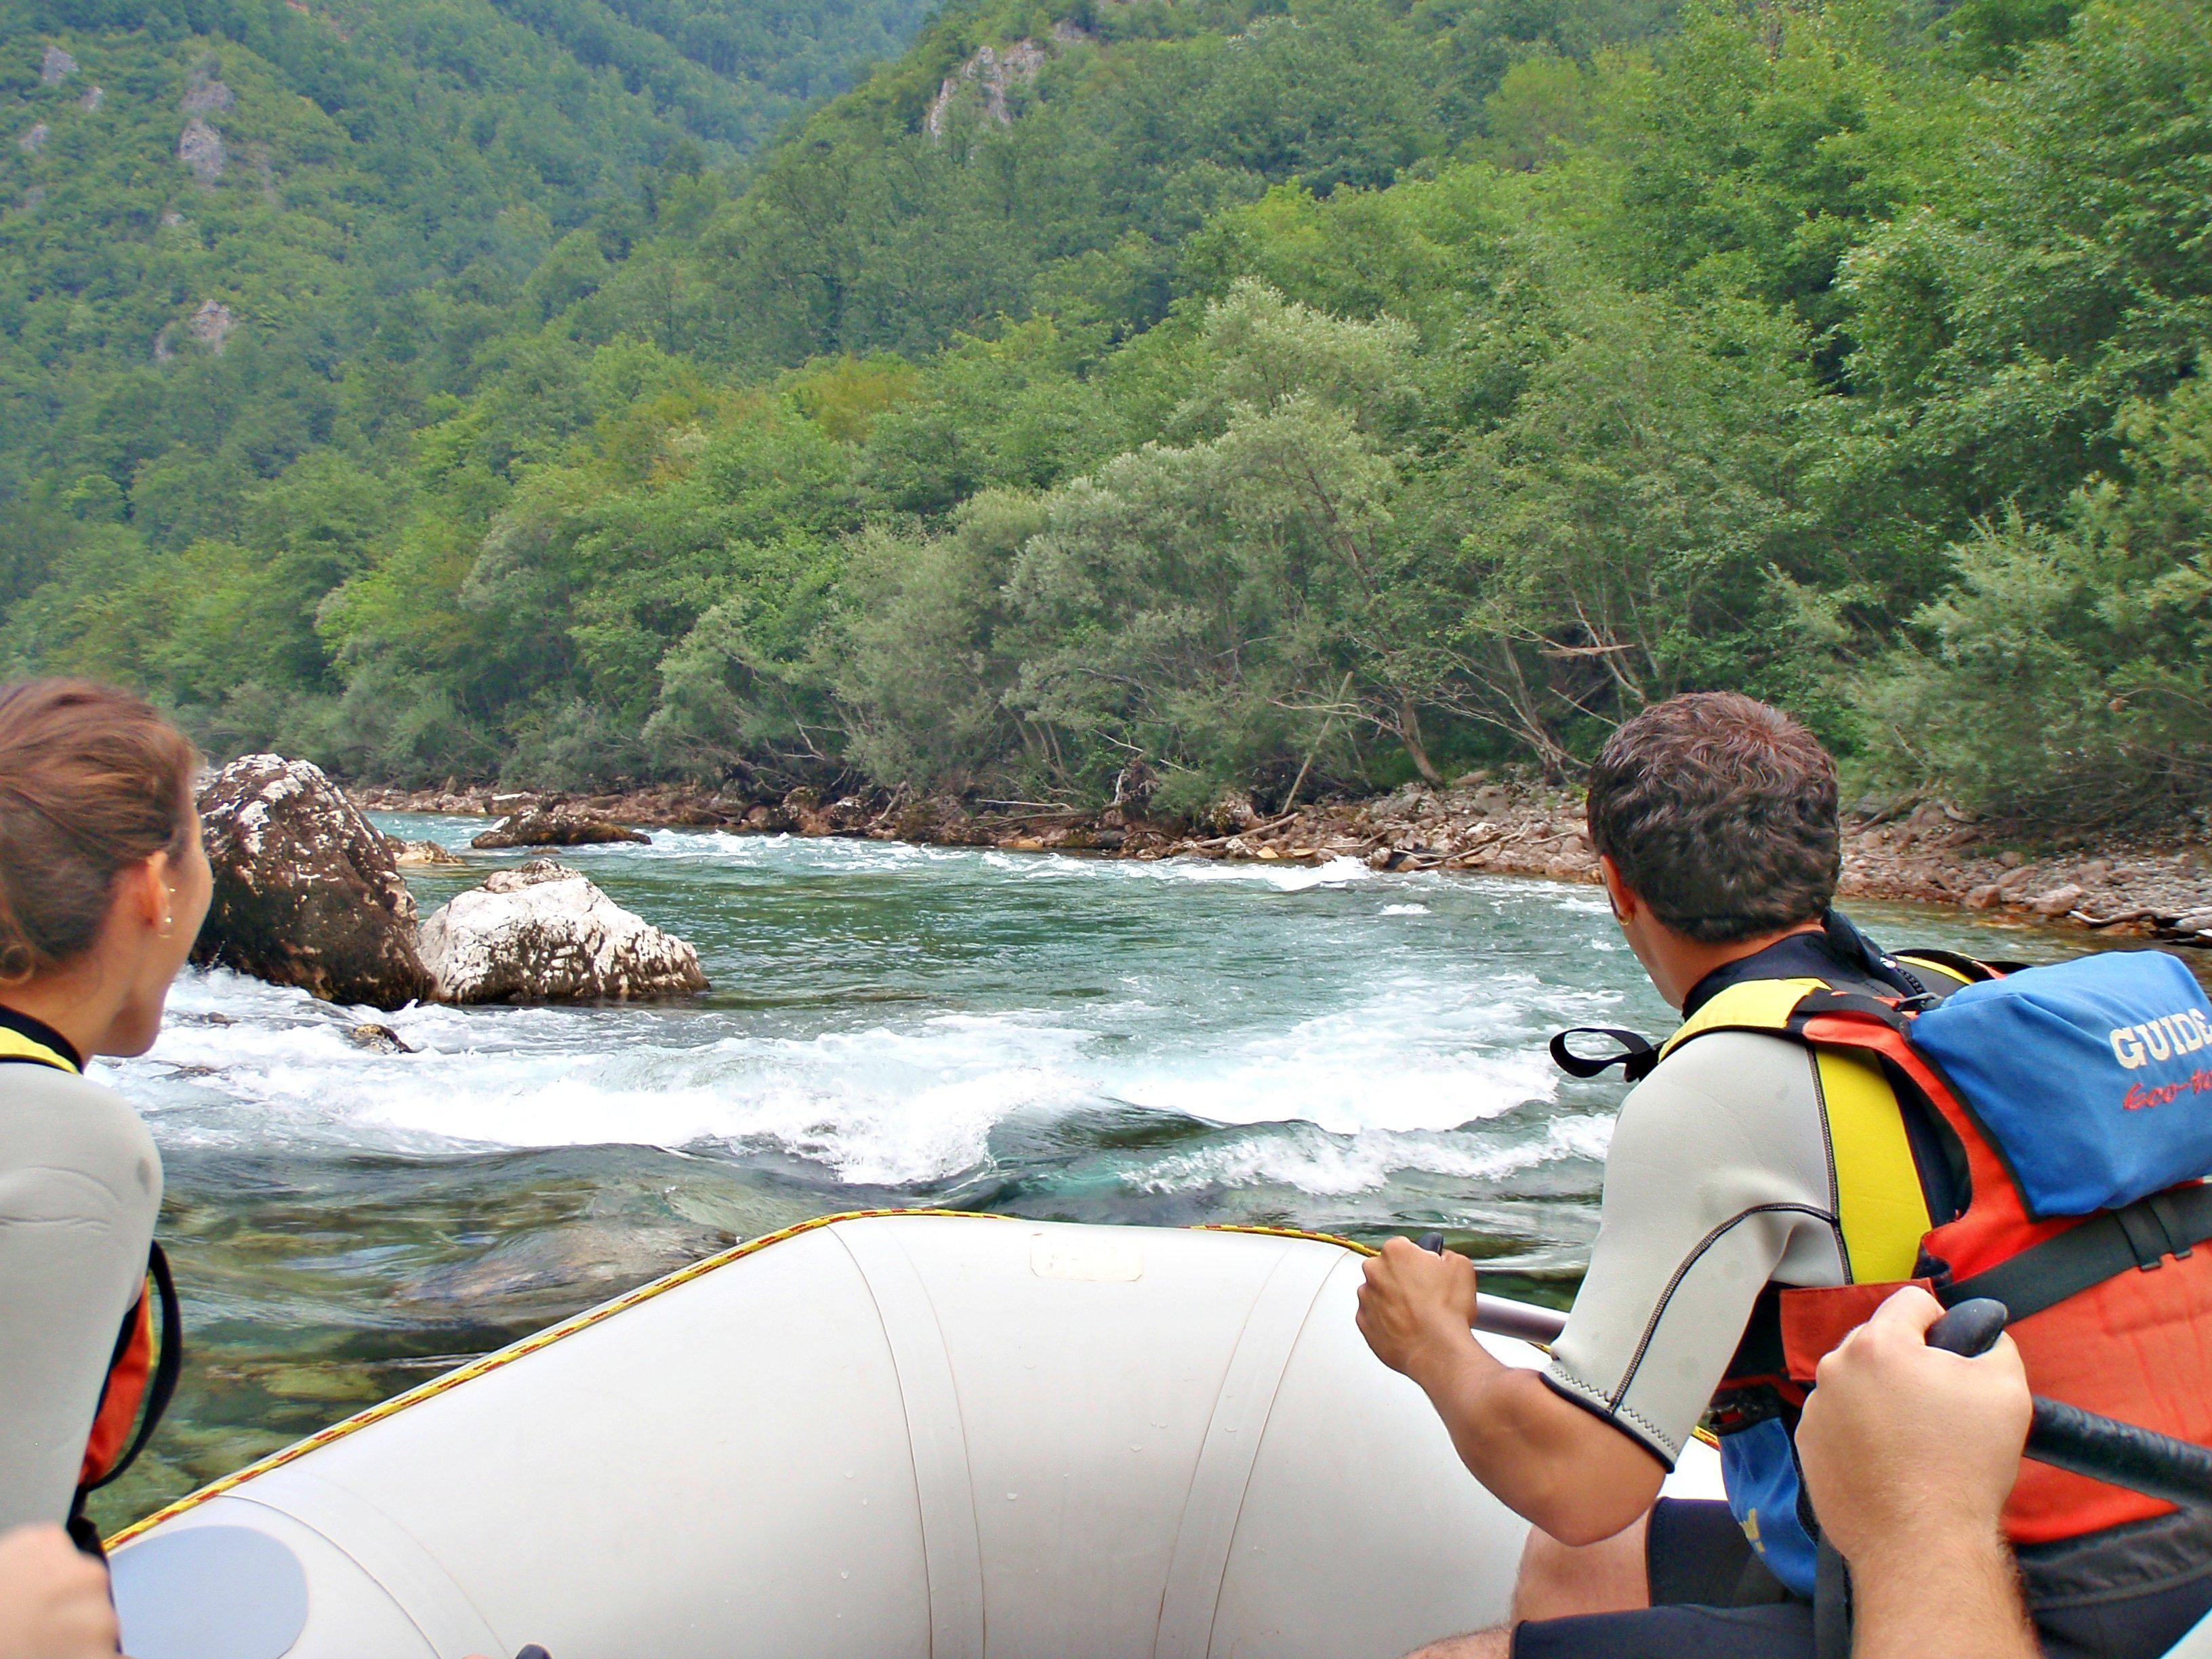 OPPLEVELSER: Montenegro er mer enn sol og bad.Bli med på Rafitng i elven Tara. Foto: Jeljena Kojicic.